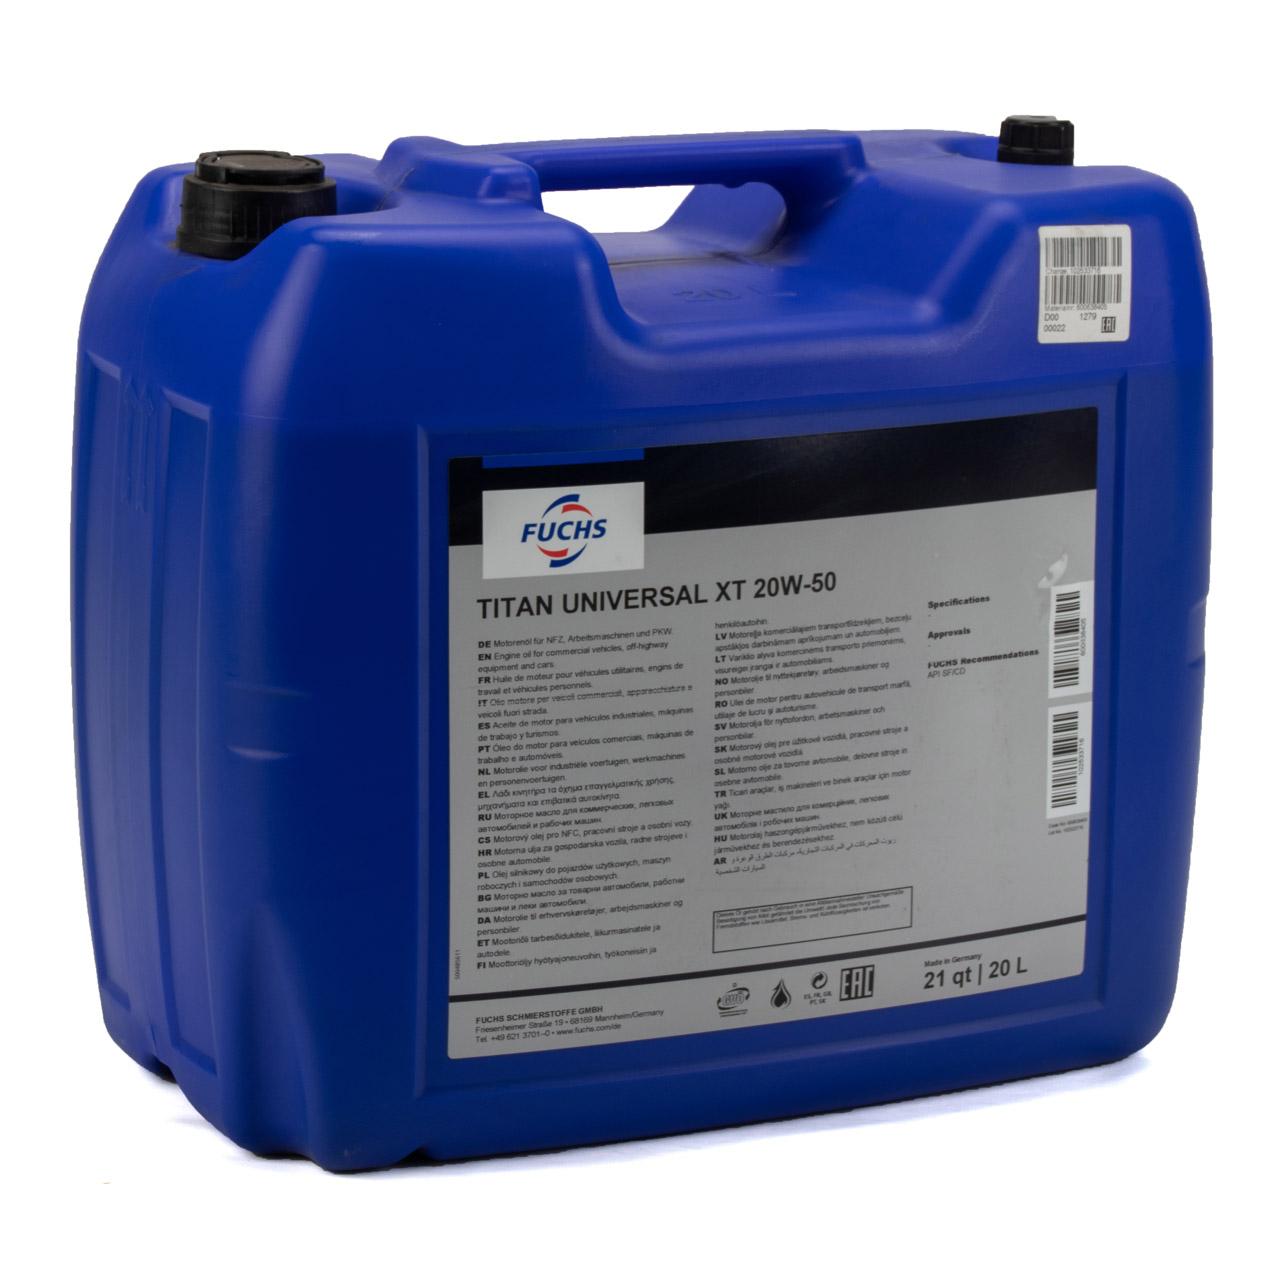 FUCHS Motoröl Öl TITAN Universal XT 20W-50 20W50 API SF API CD - 20L 20 Liter